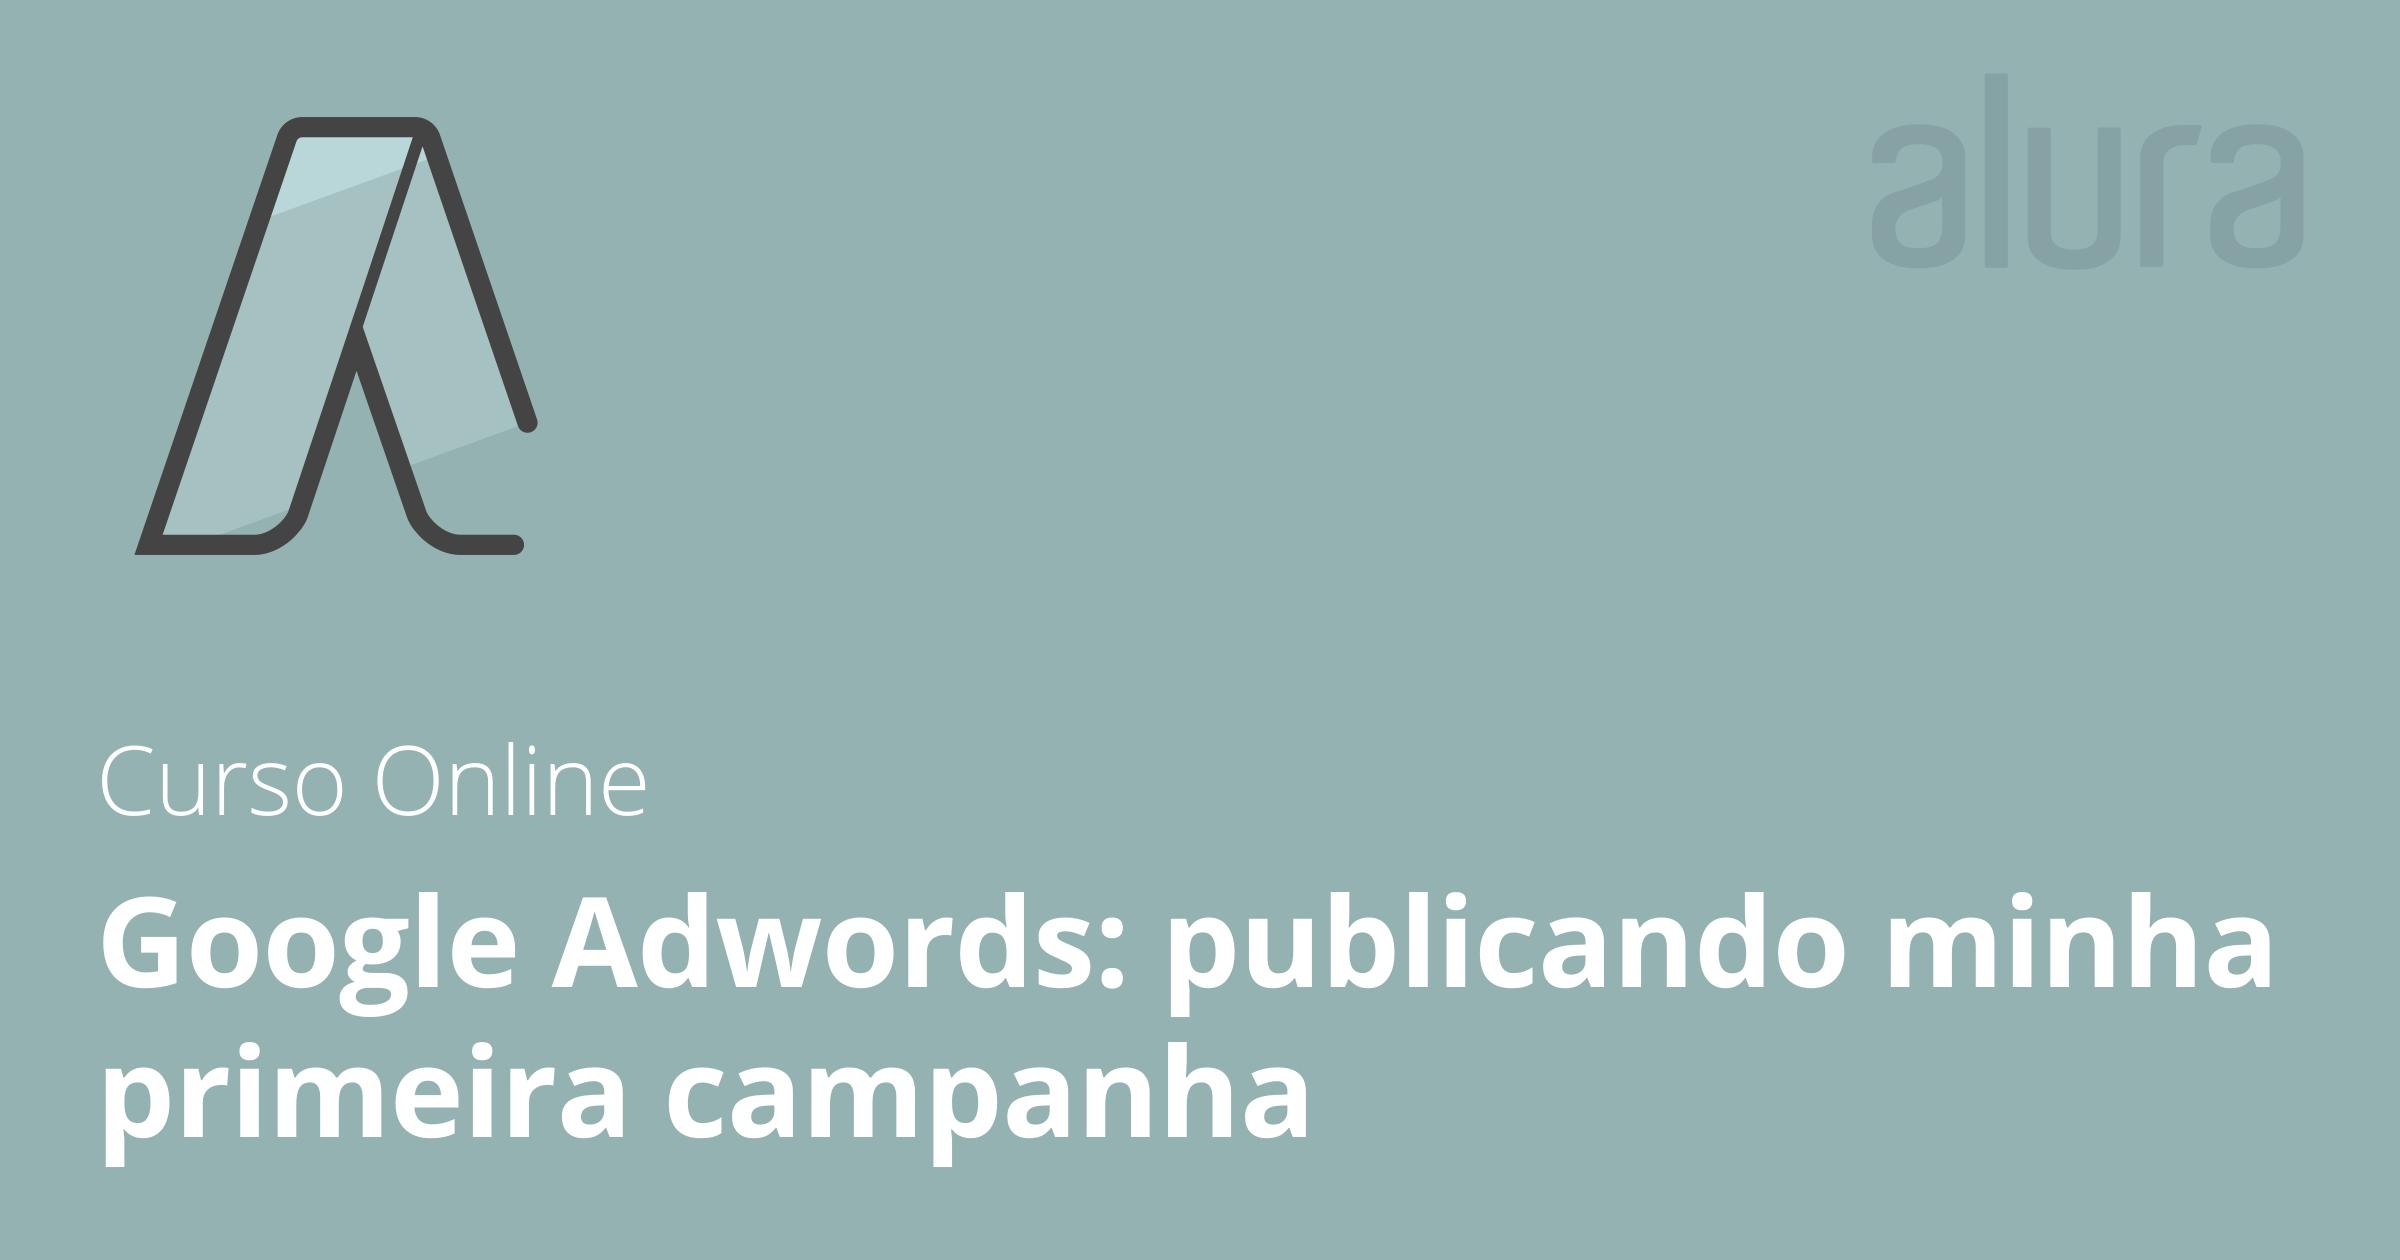 94b9c8571 Curso Online Google Adwords  publicando minha primeira campanha